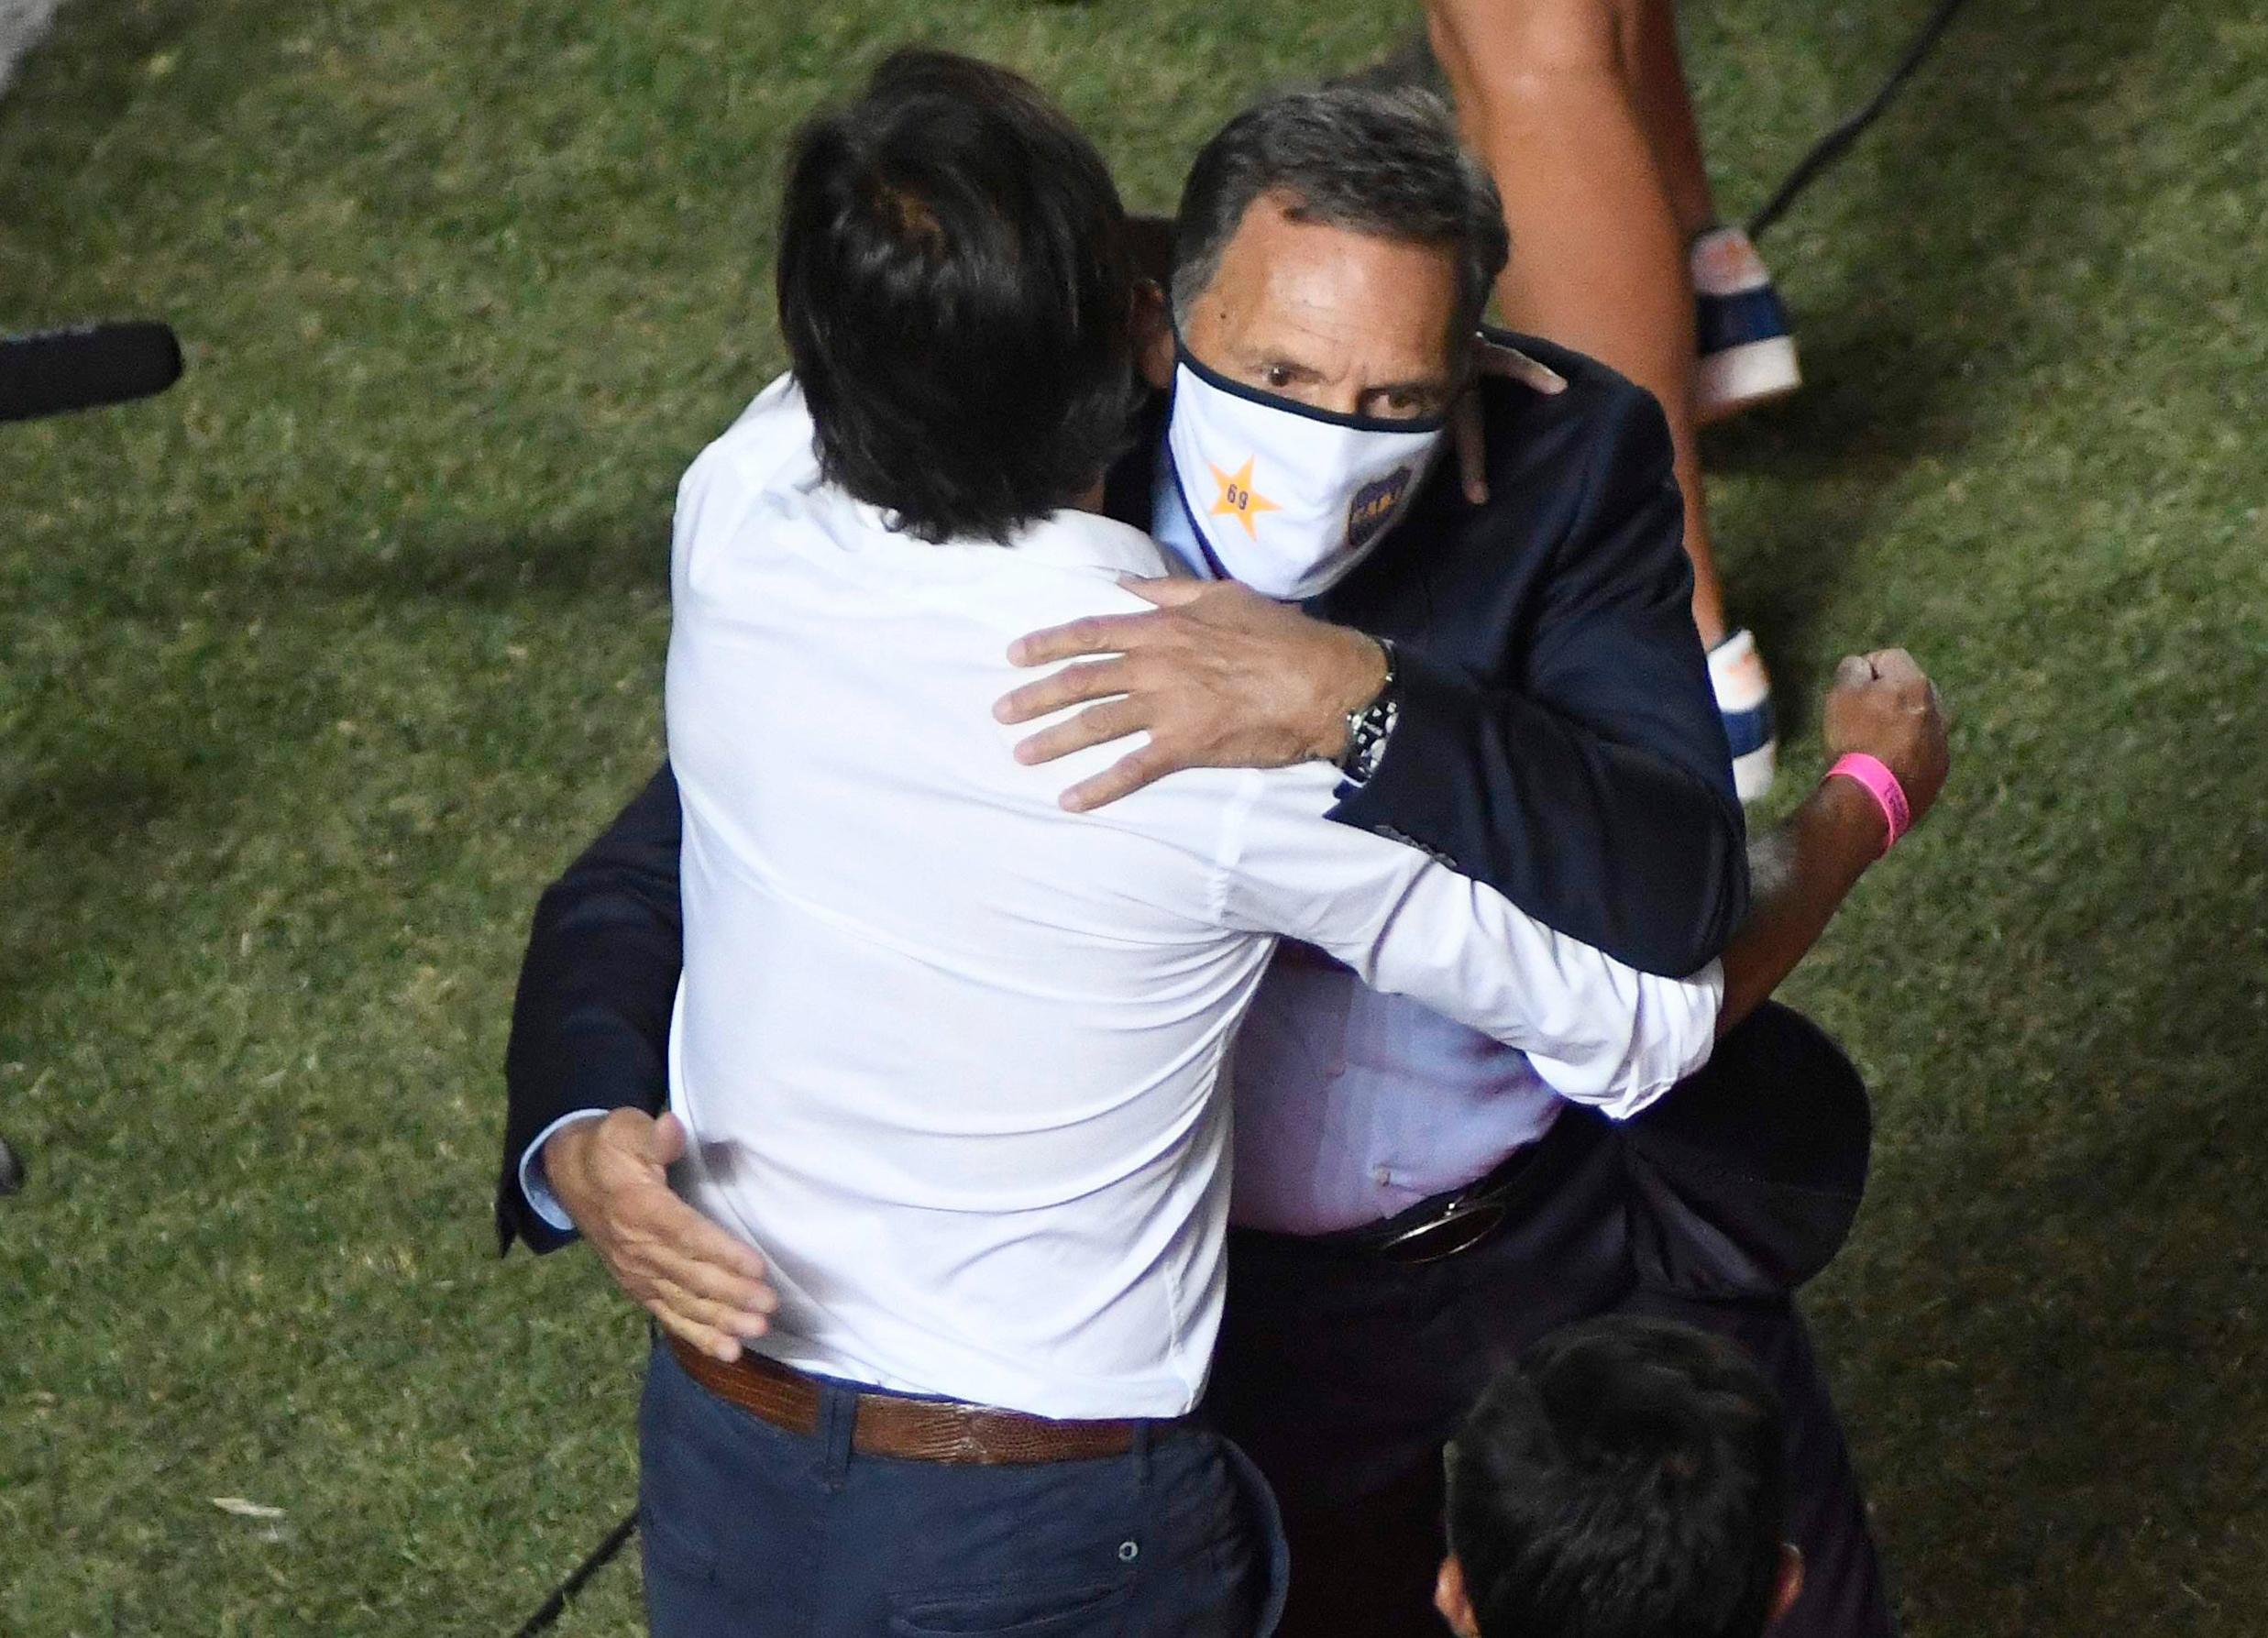 El abrazo entre Miguel Ángel Russo y Archu Sanguinetti en el umbral del partido